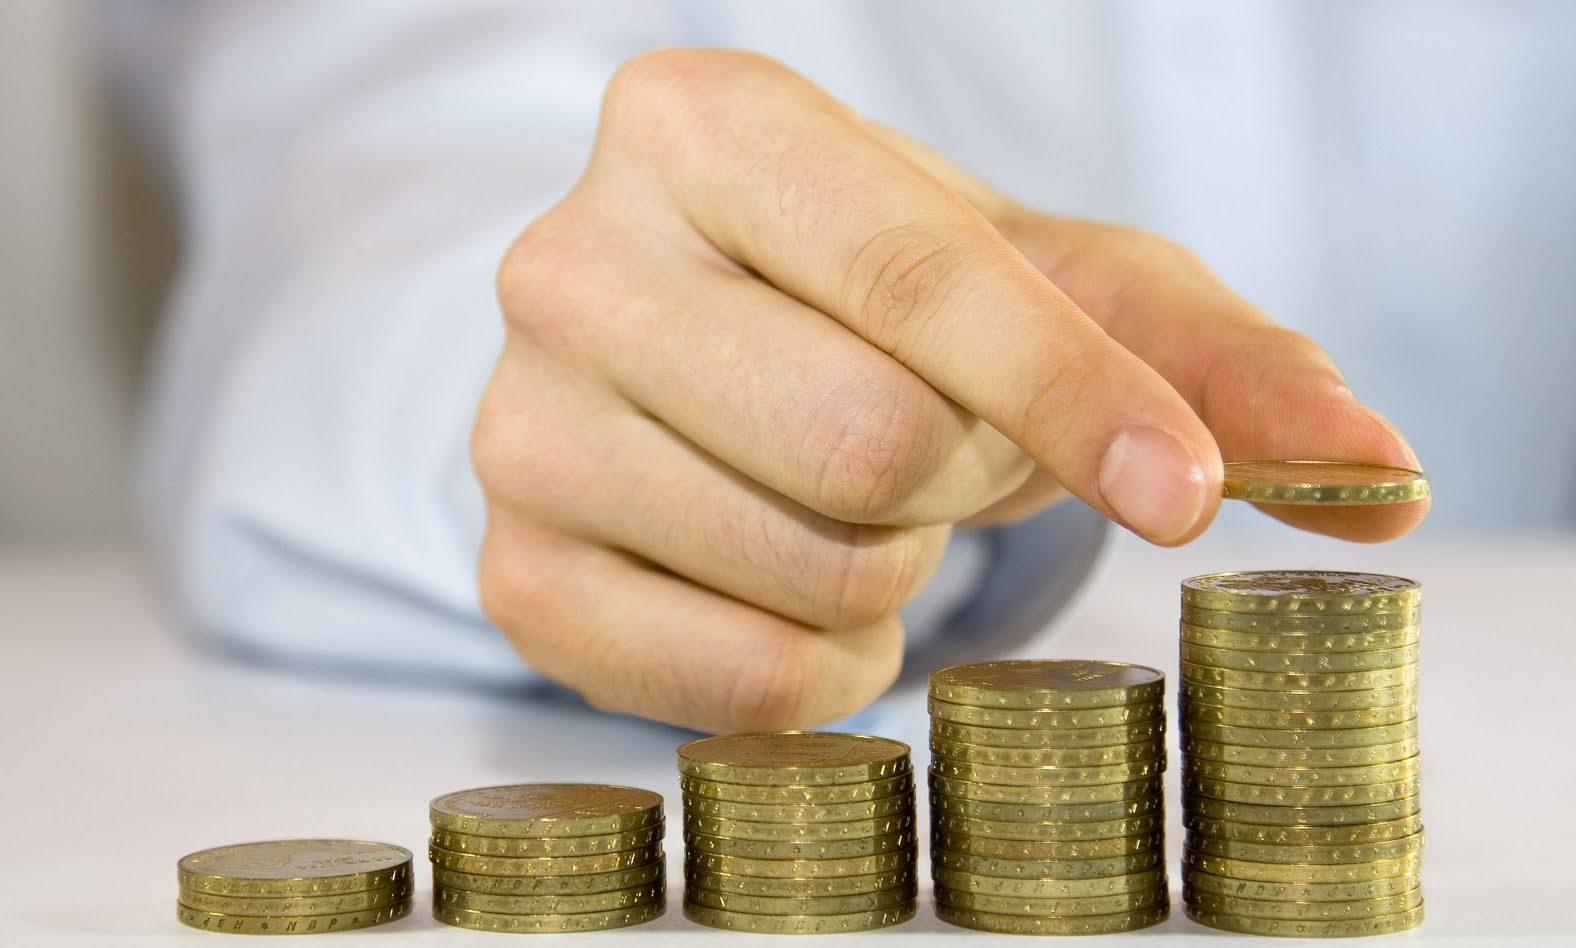 hogyan lehet a munkahelyen megmaradt pénzt keresni